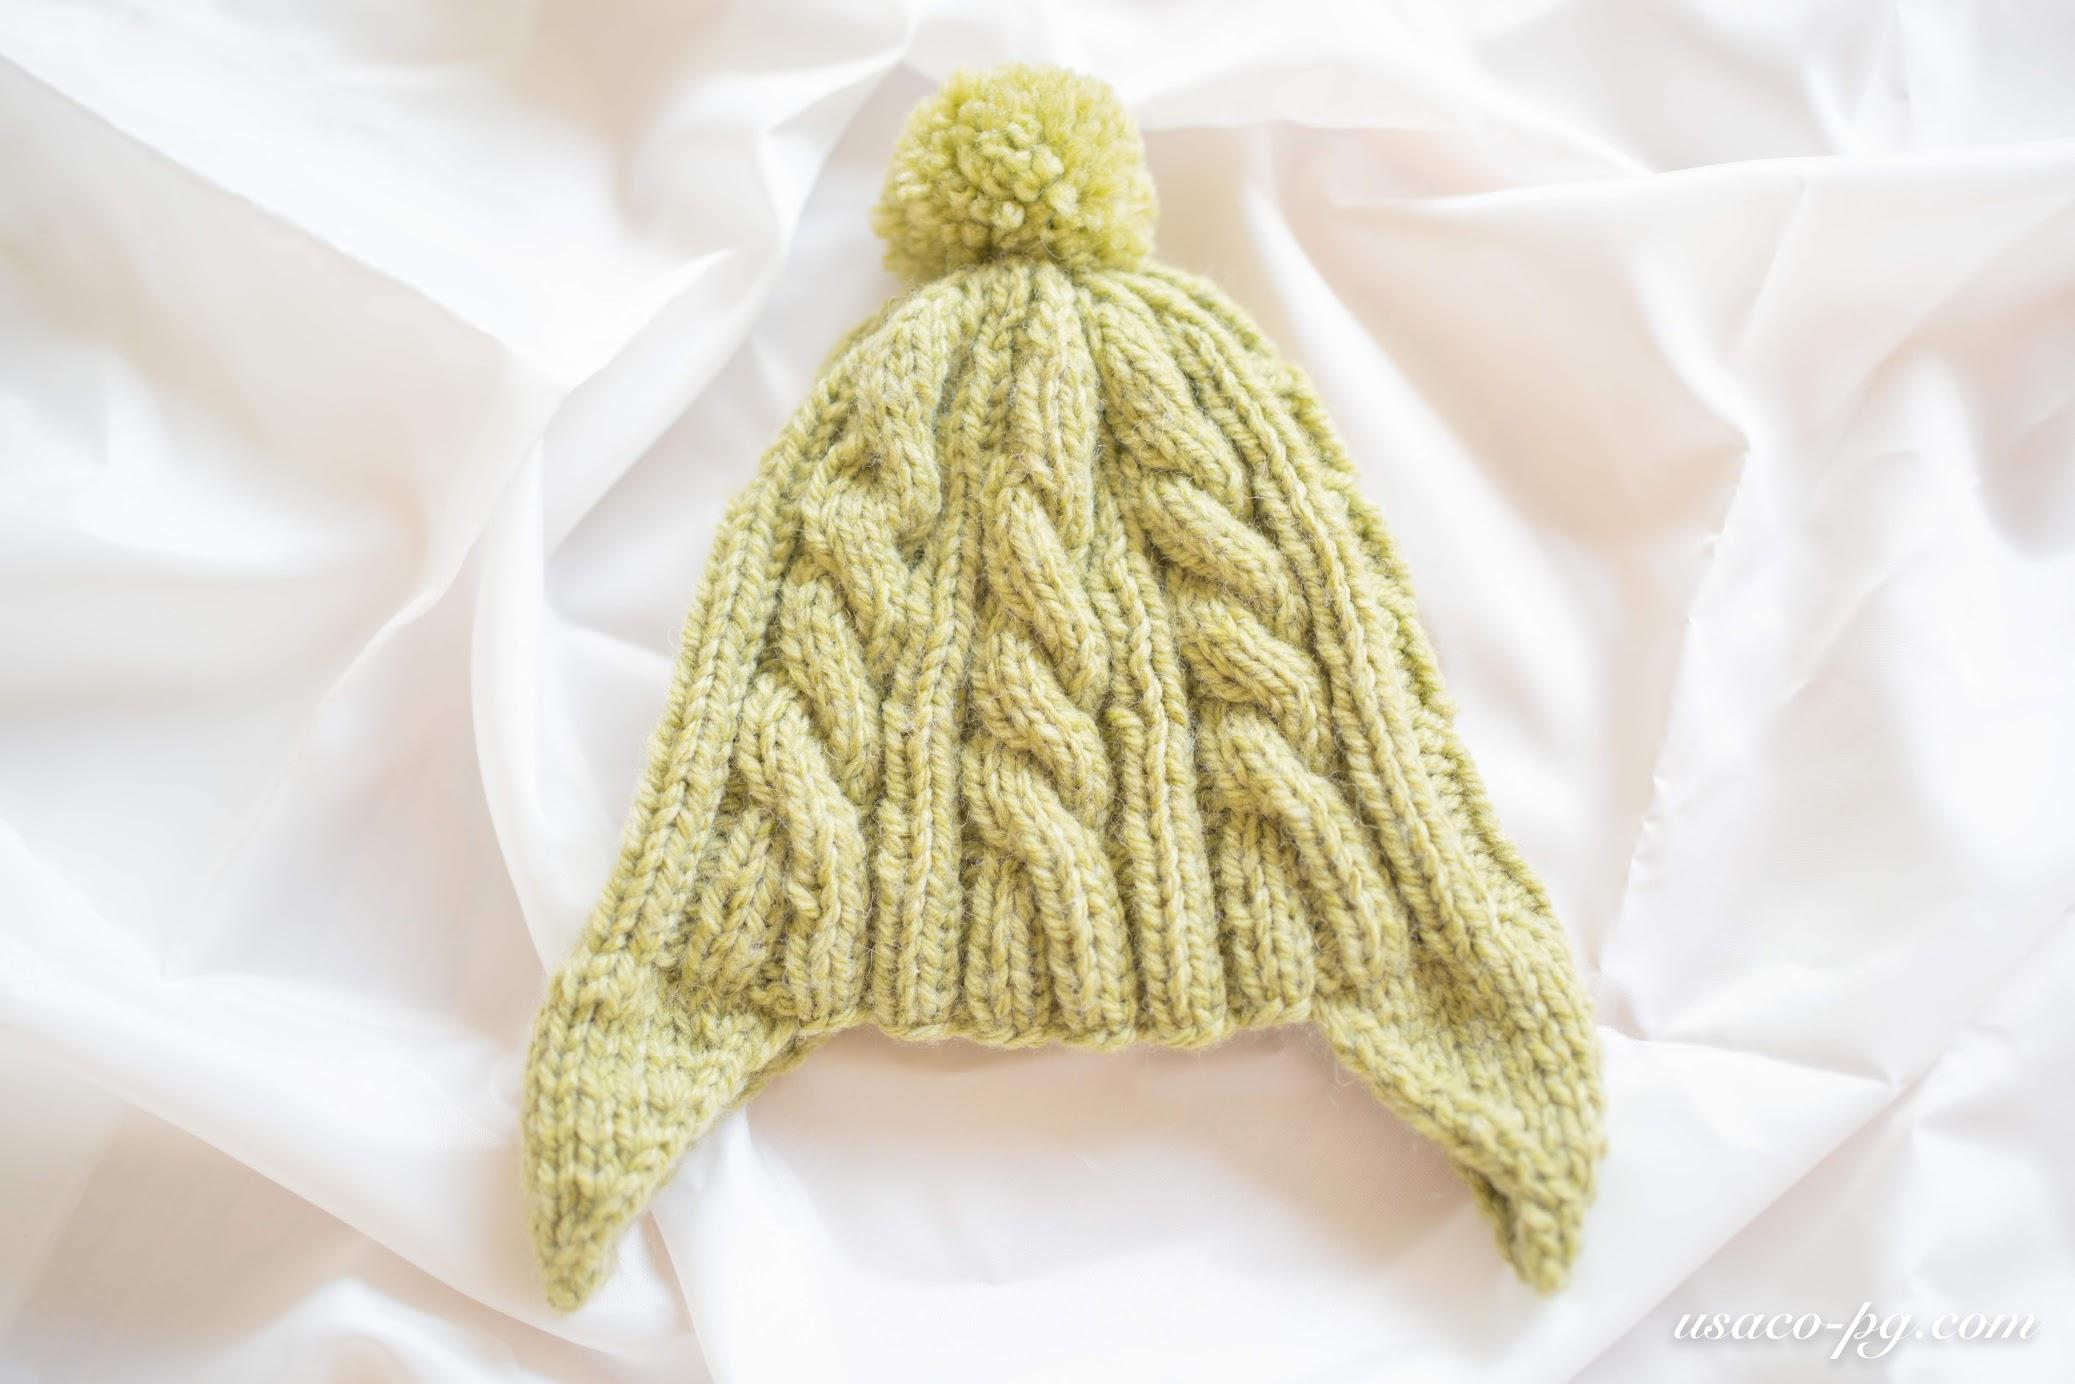 編み 帽 子供 棒針 ニット 図 子供の耳当て付きニット帽子の編み方や作り方は?用意する物は?